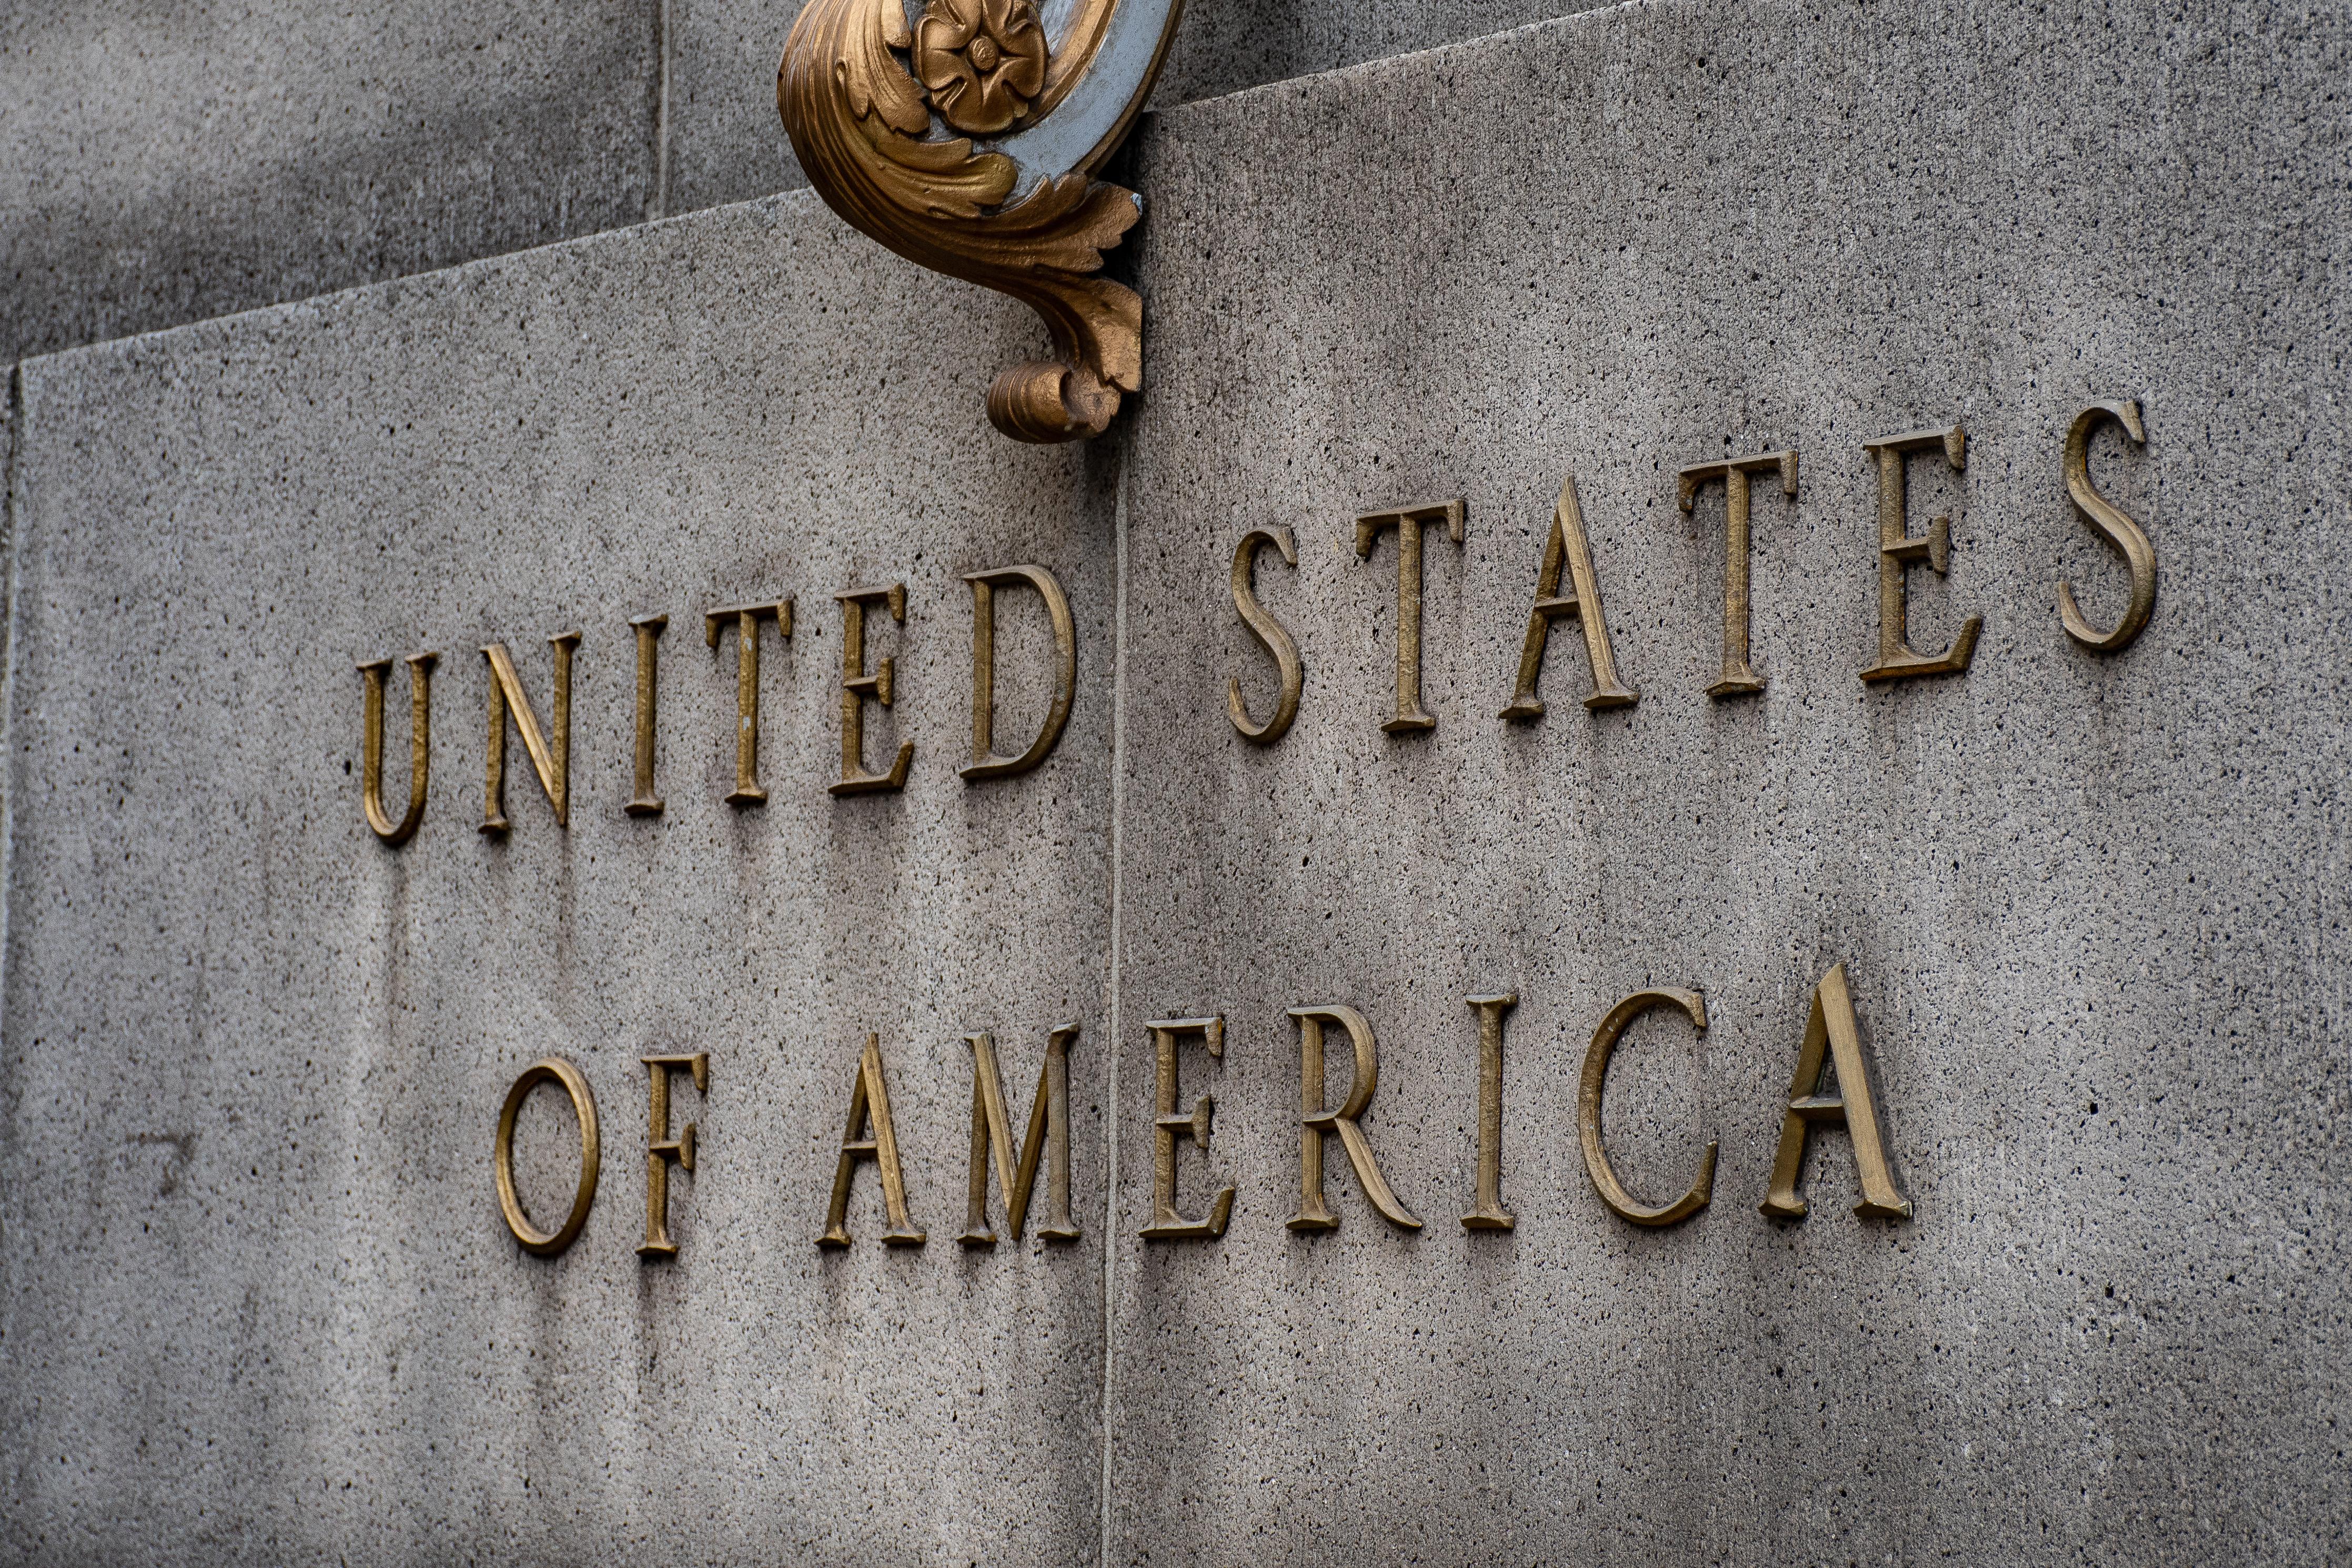 United States of America Landmark